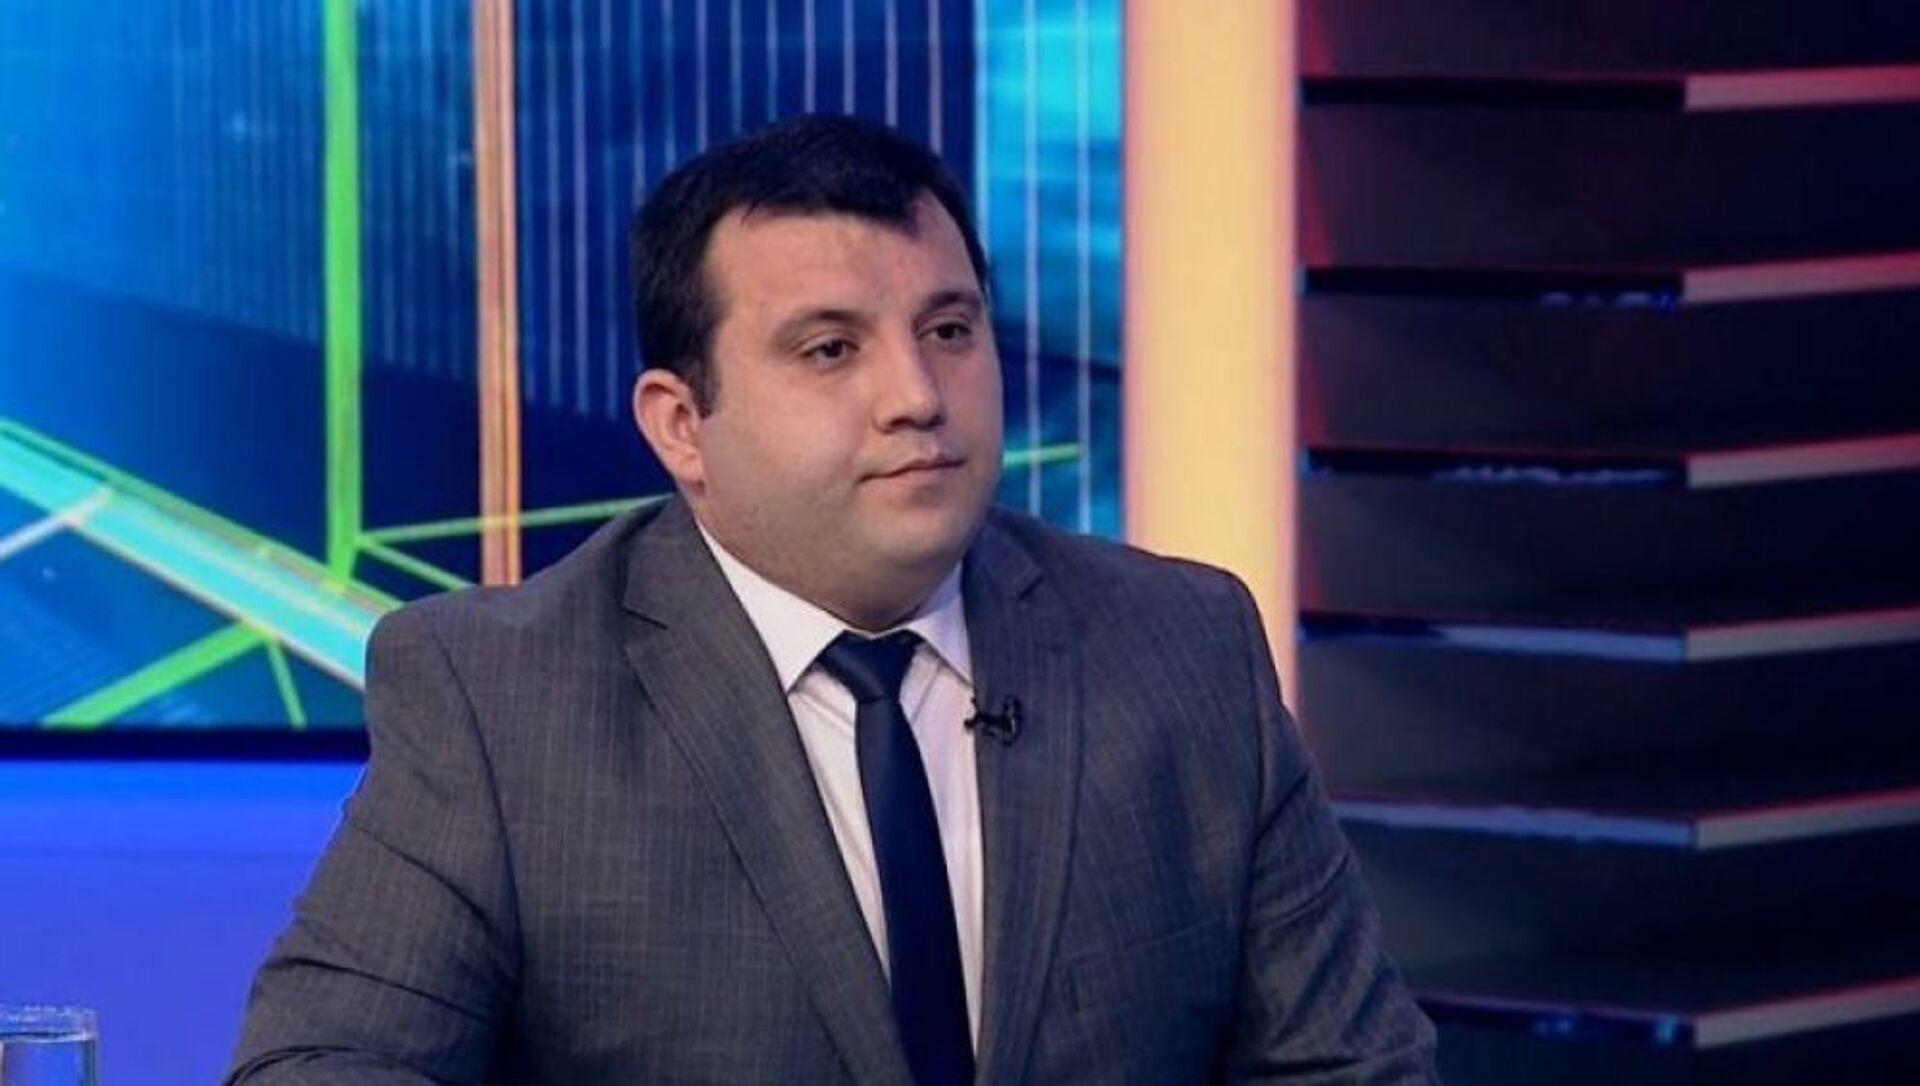 Илькин Ибрагимов - Эксперт по вопросам страхования   - Sputnik Азербайджан, 1920, 29.07.2021